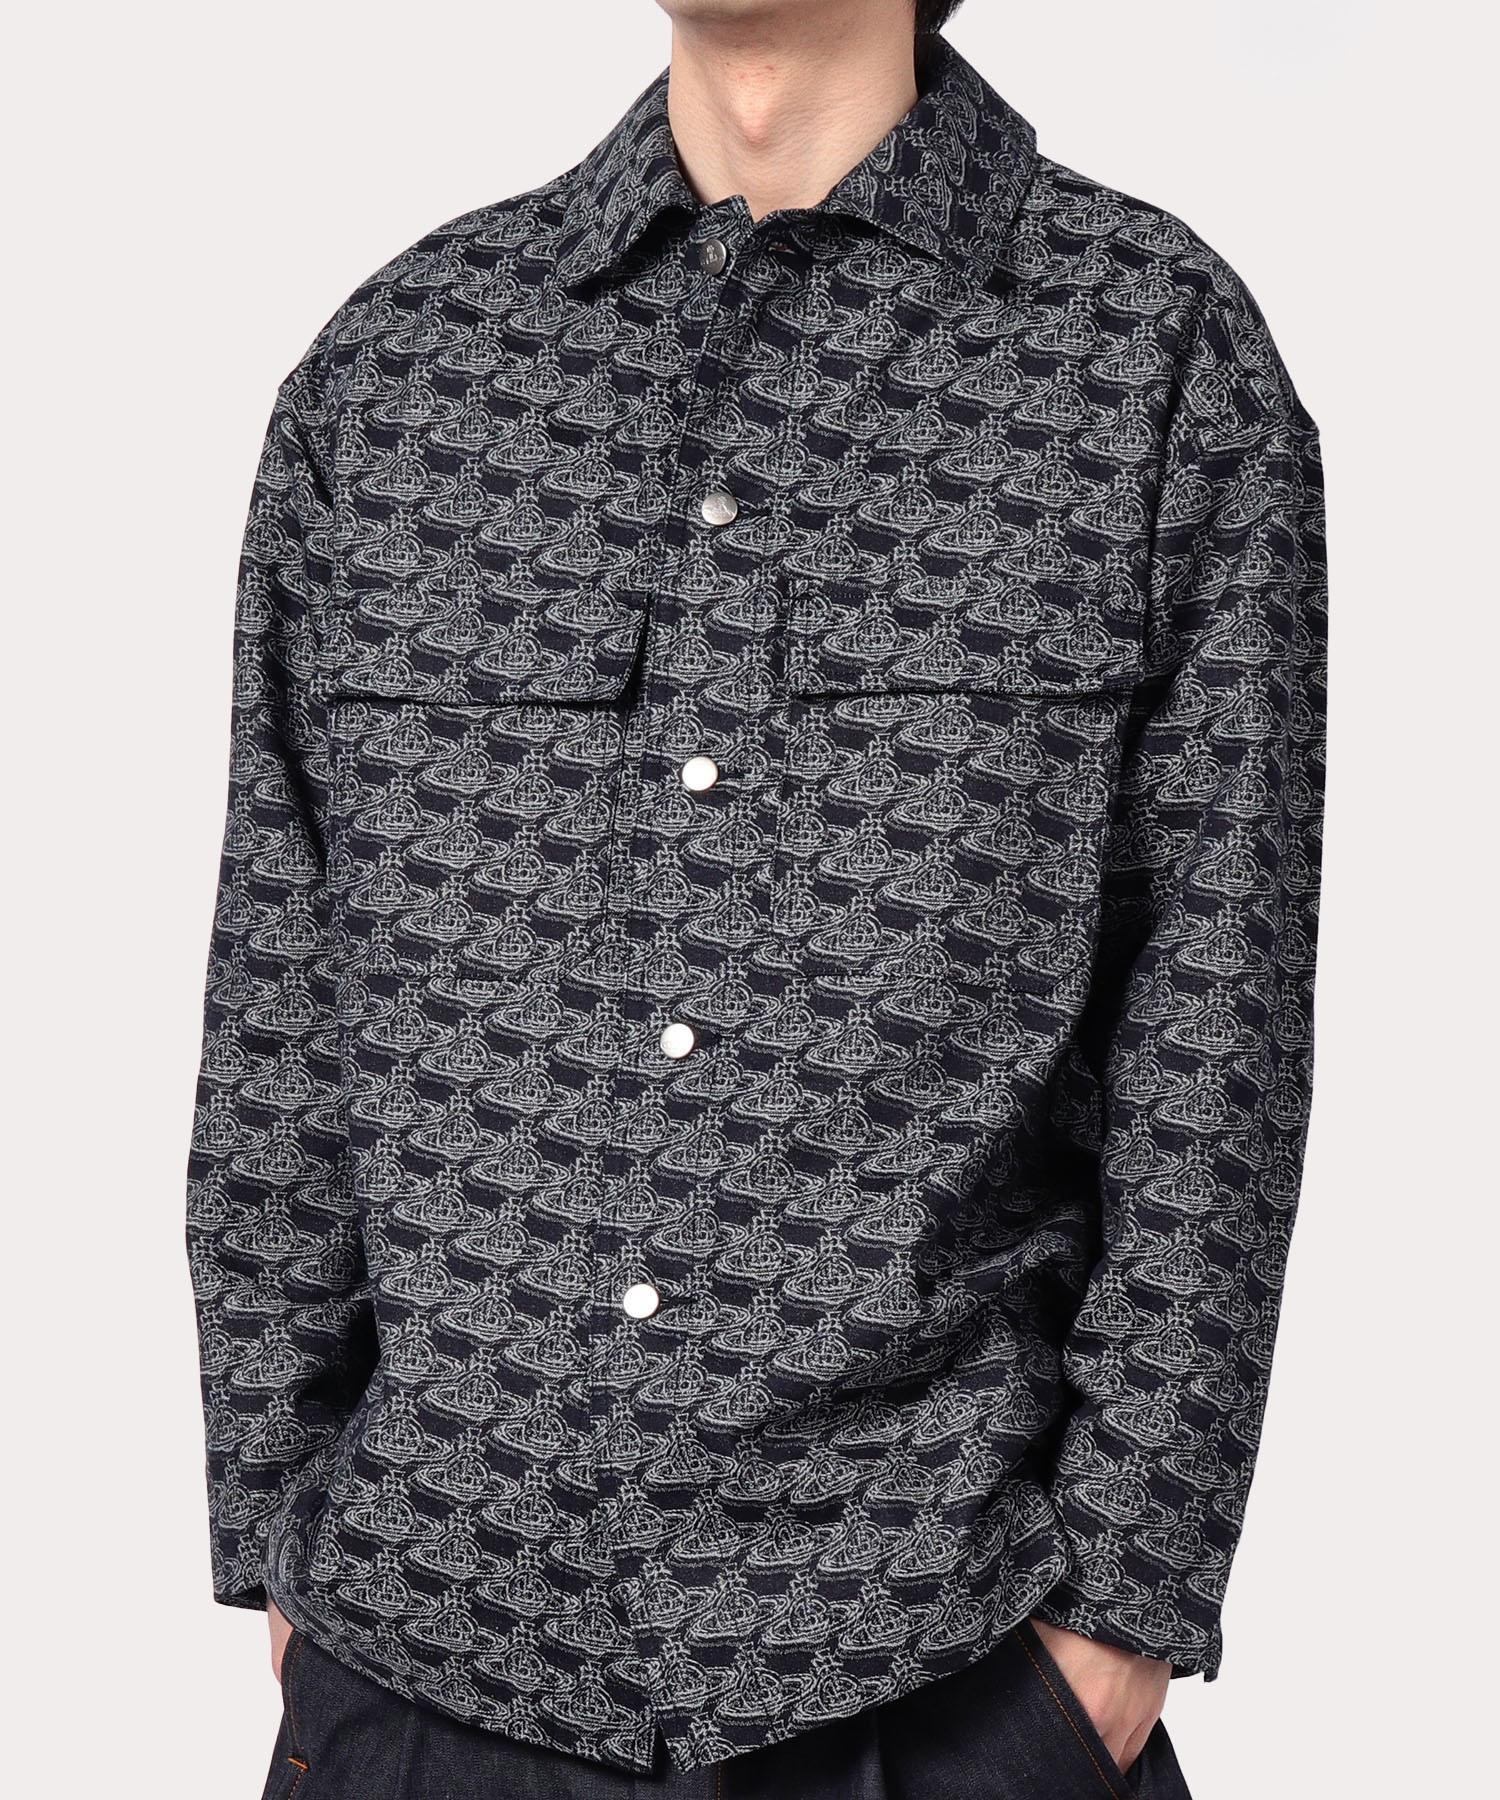 ORBリピート ジャカードユーティリティシャツ